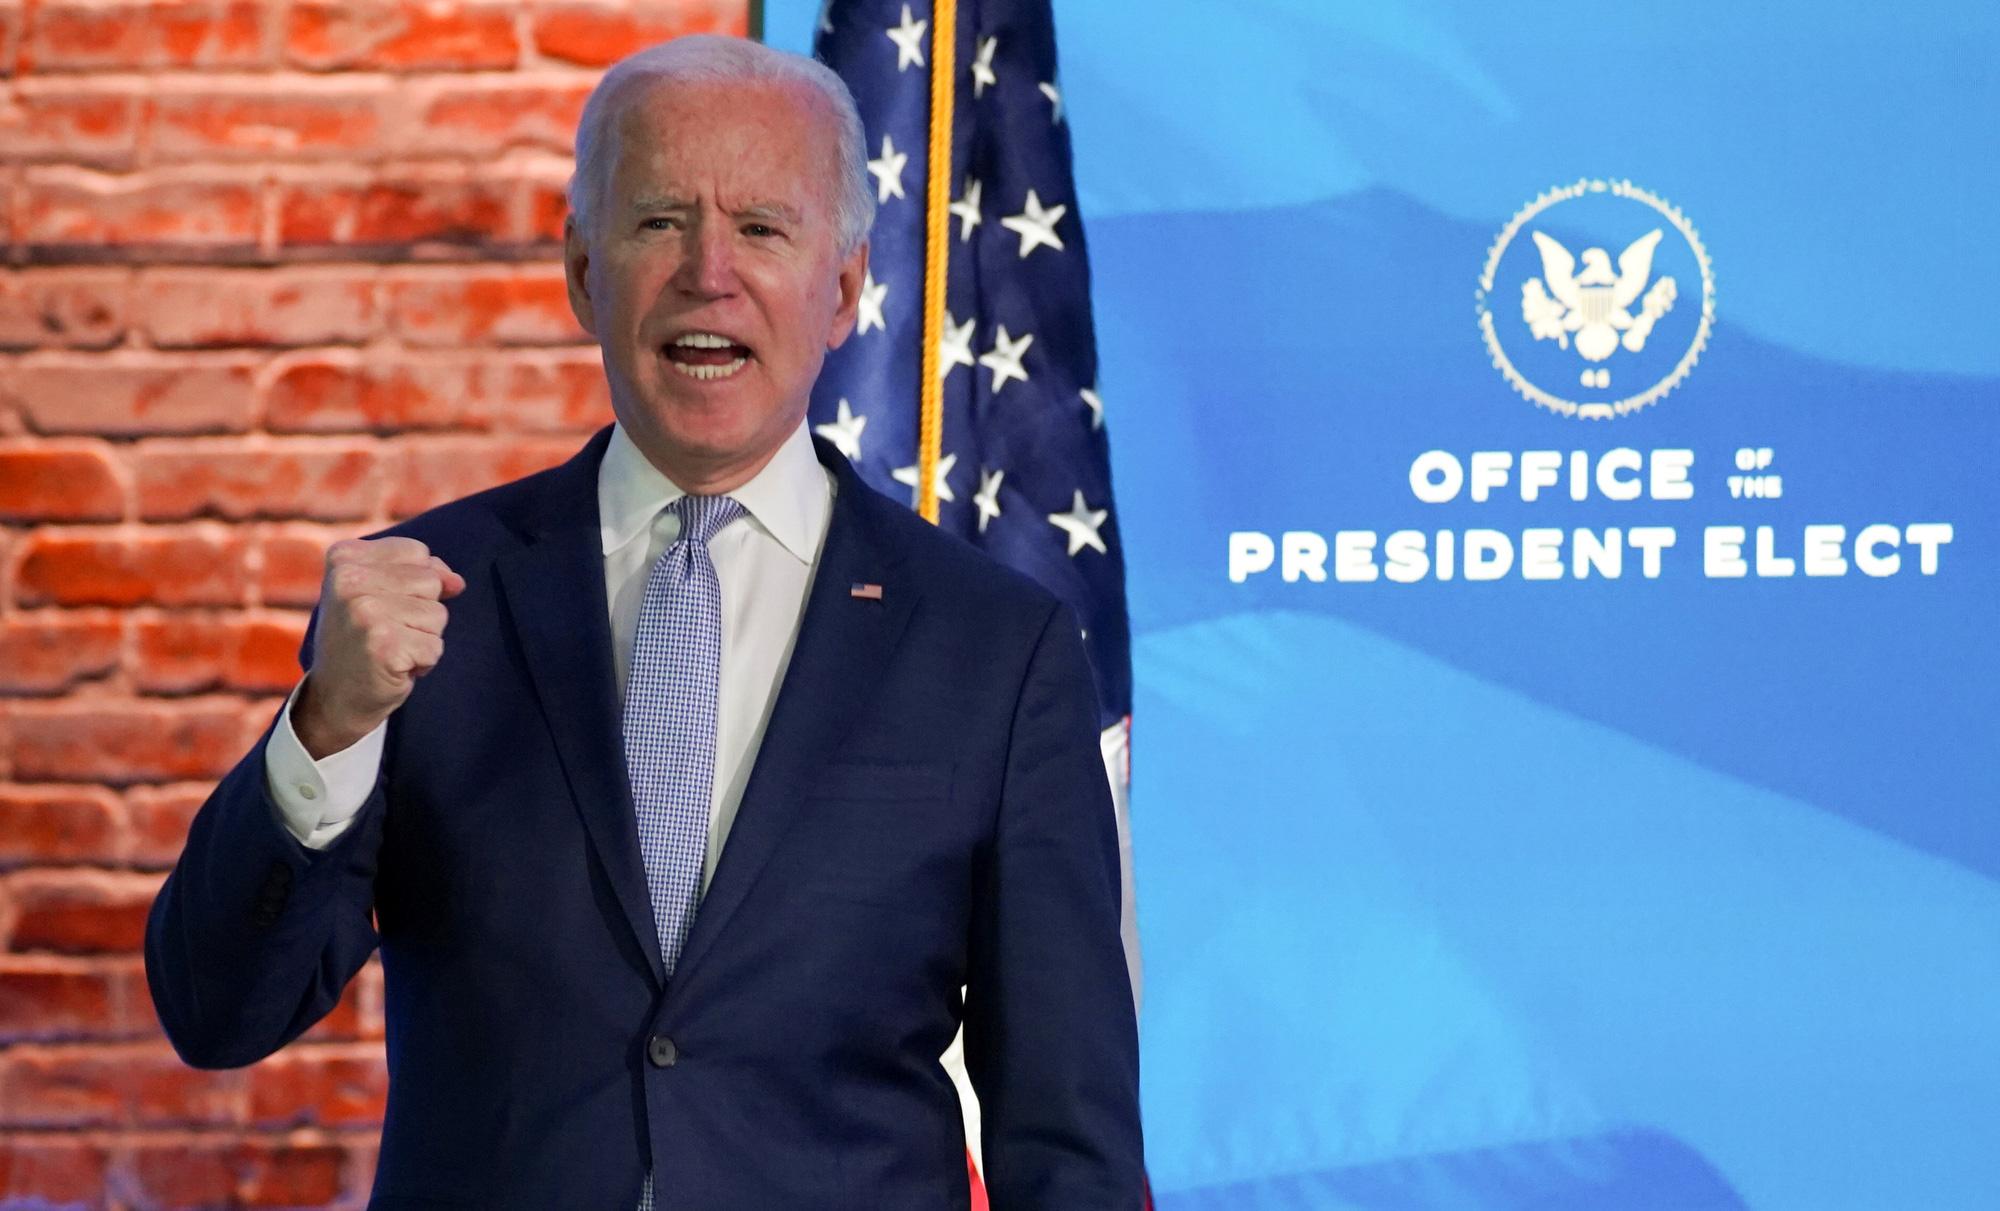 Quốc hội Mỹ xác nhận ông Joe Biden đắc cử tổng thống - Ảnh 1.